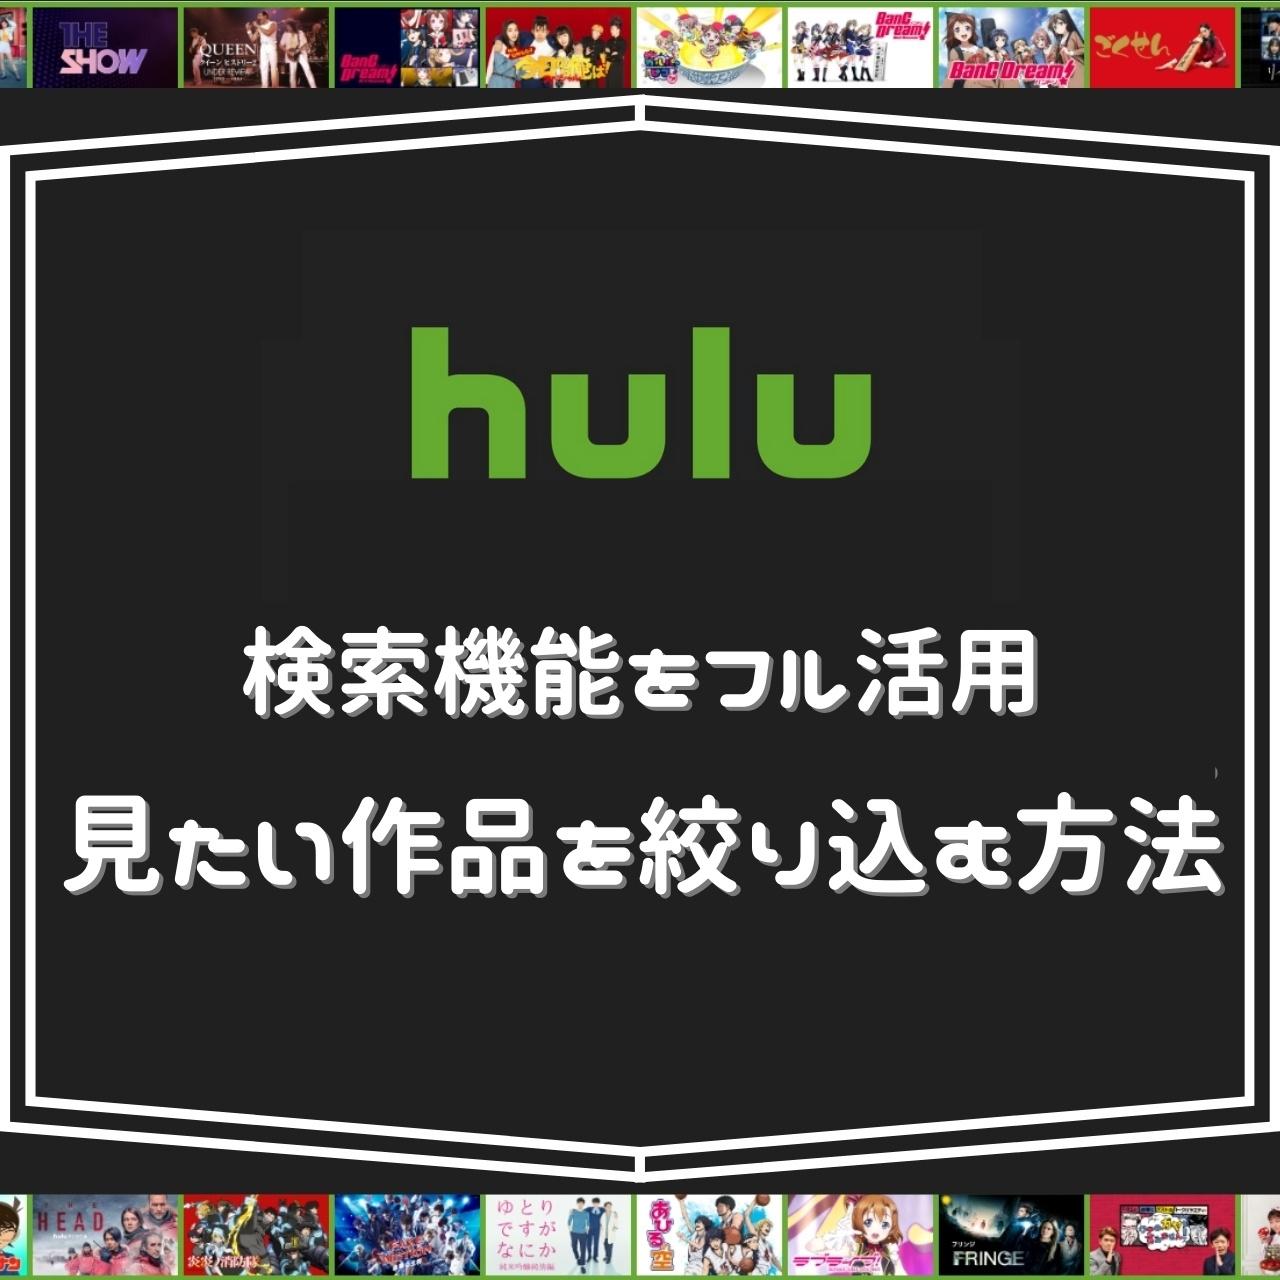 huluの検索機能をフル活用|見たい作品を絞り込む方法